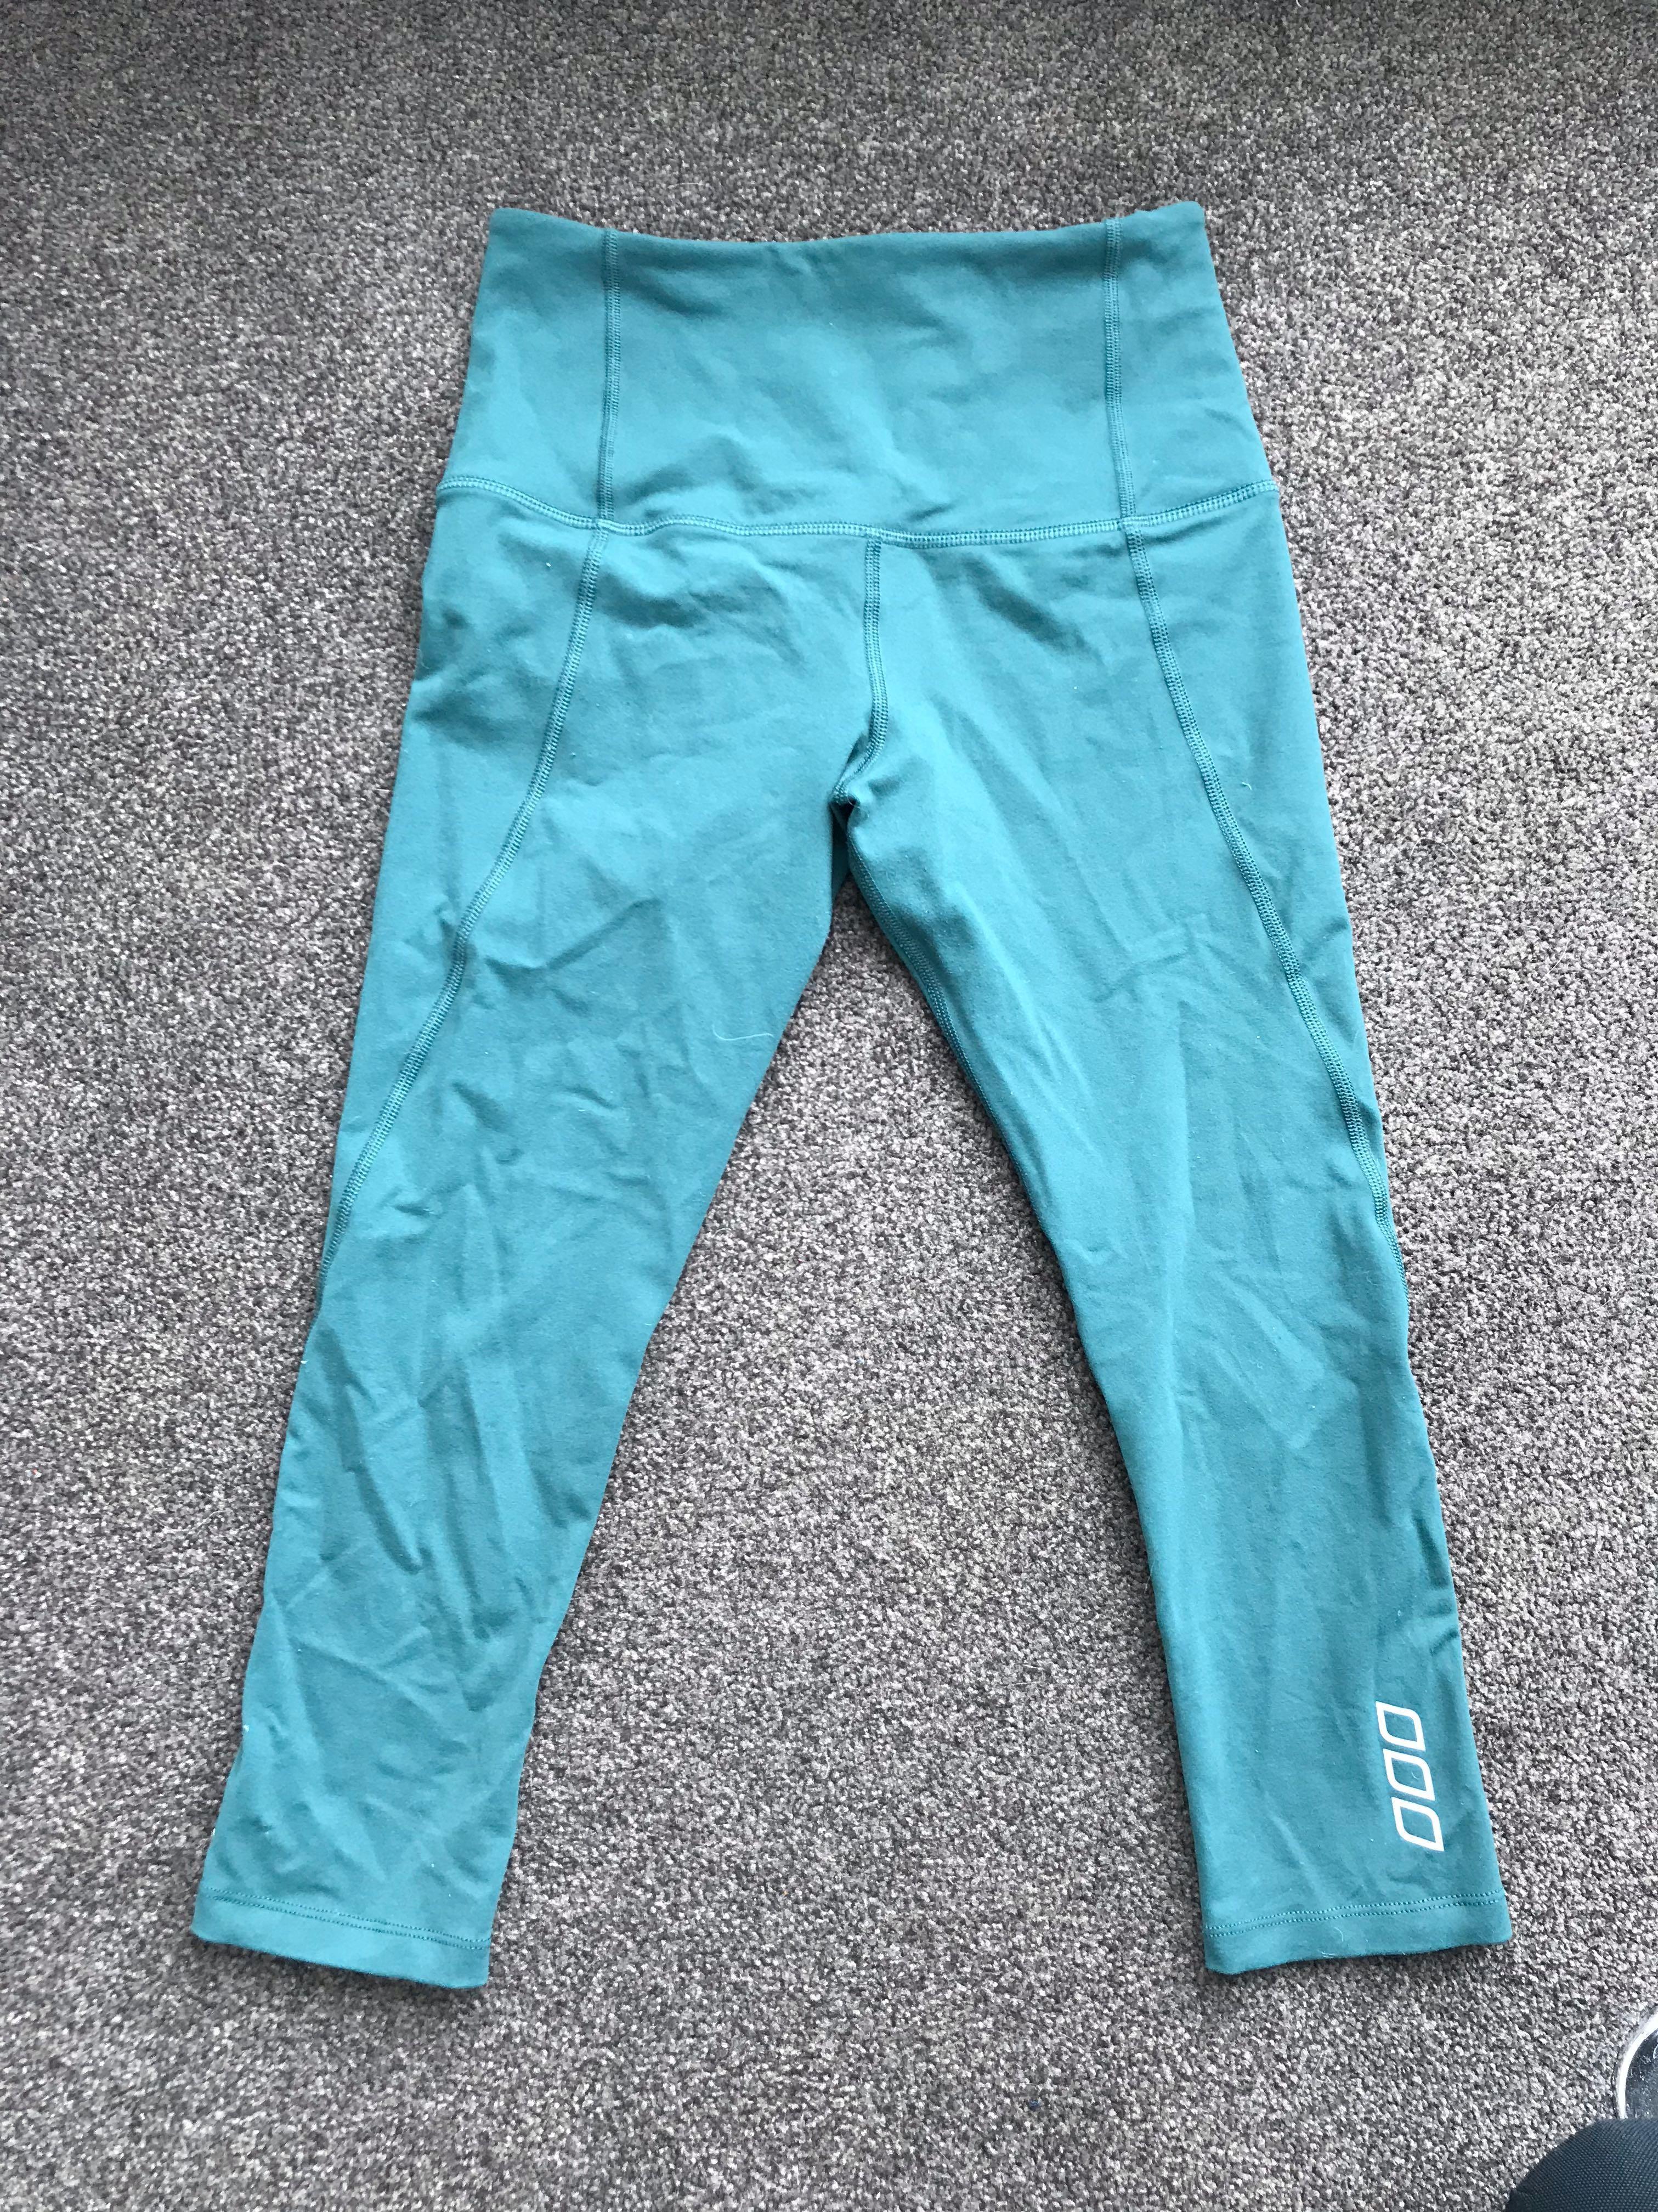 Lorna Jane Crop tights size xs